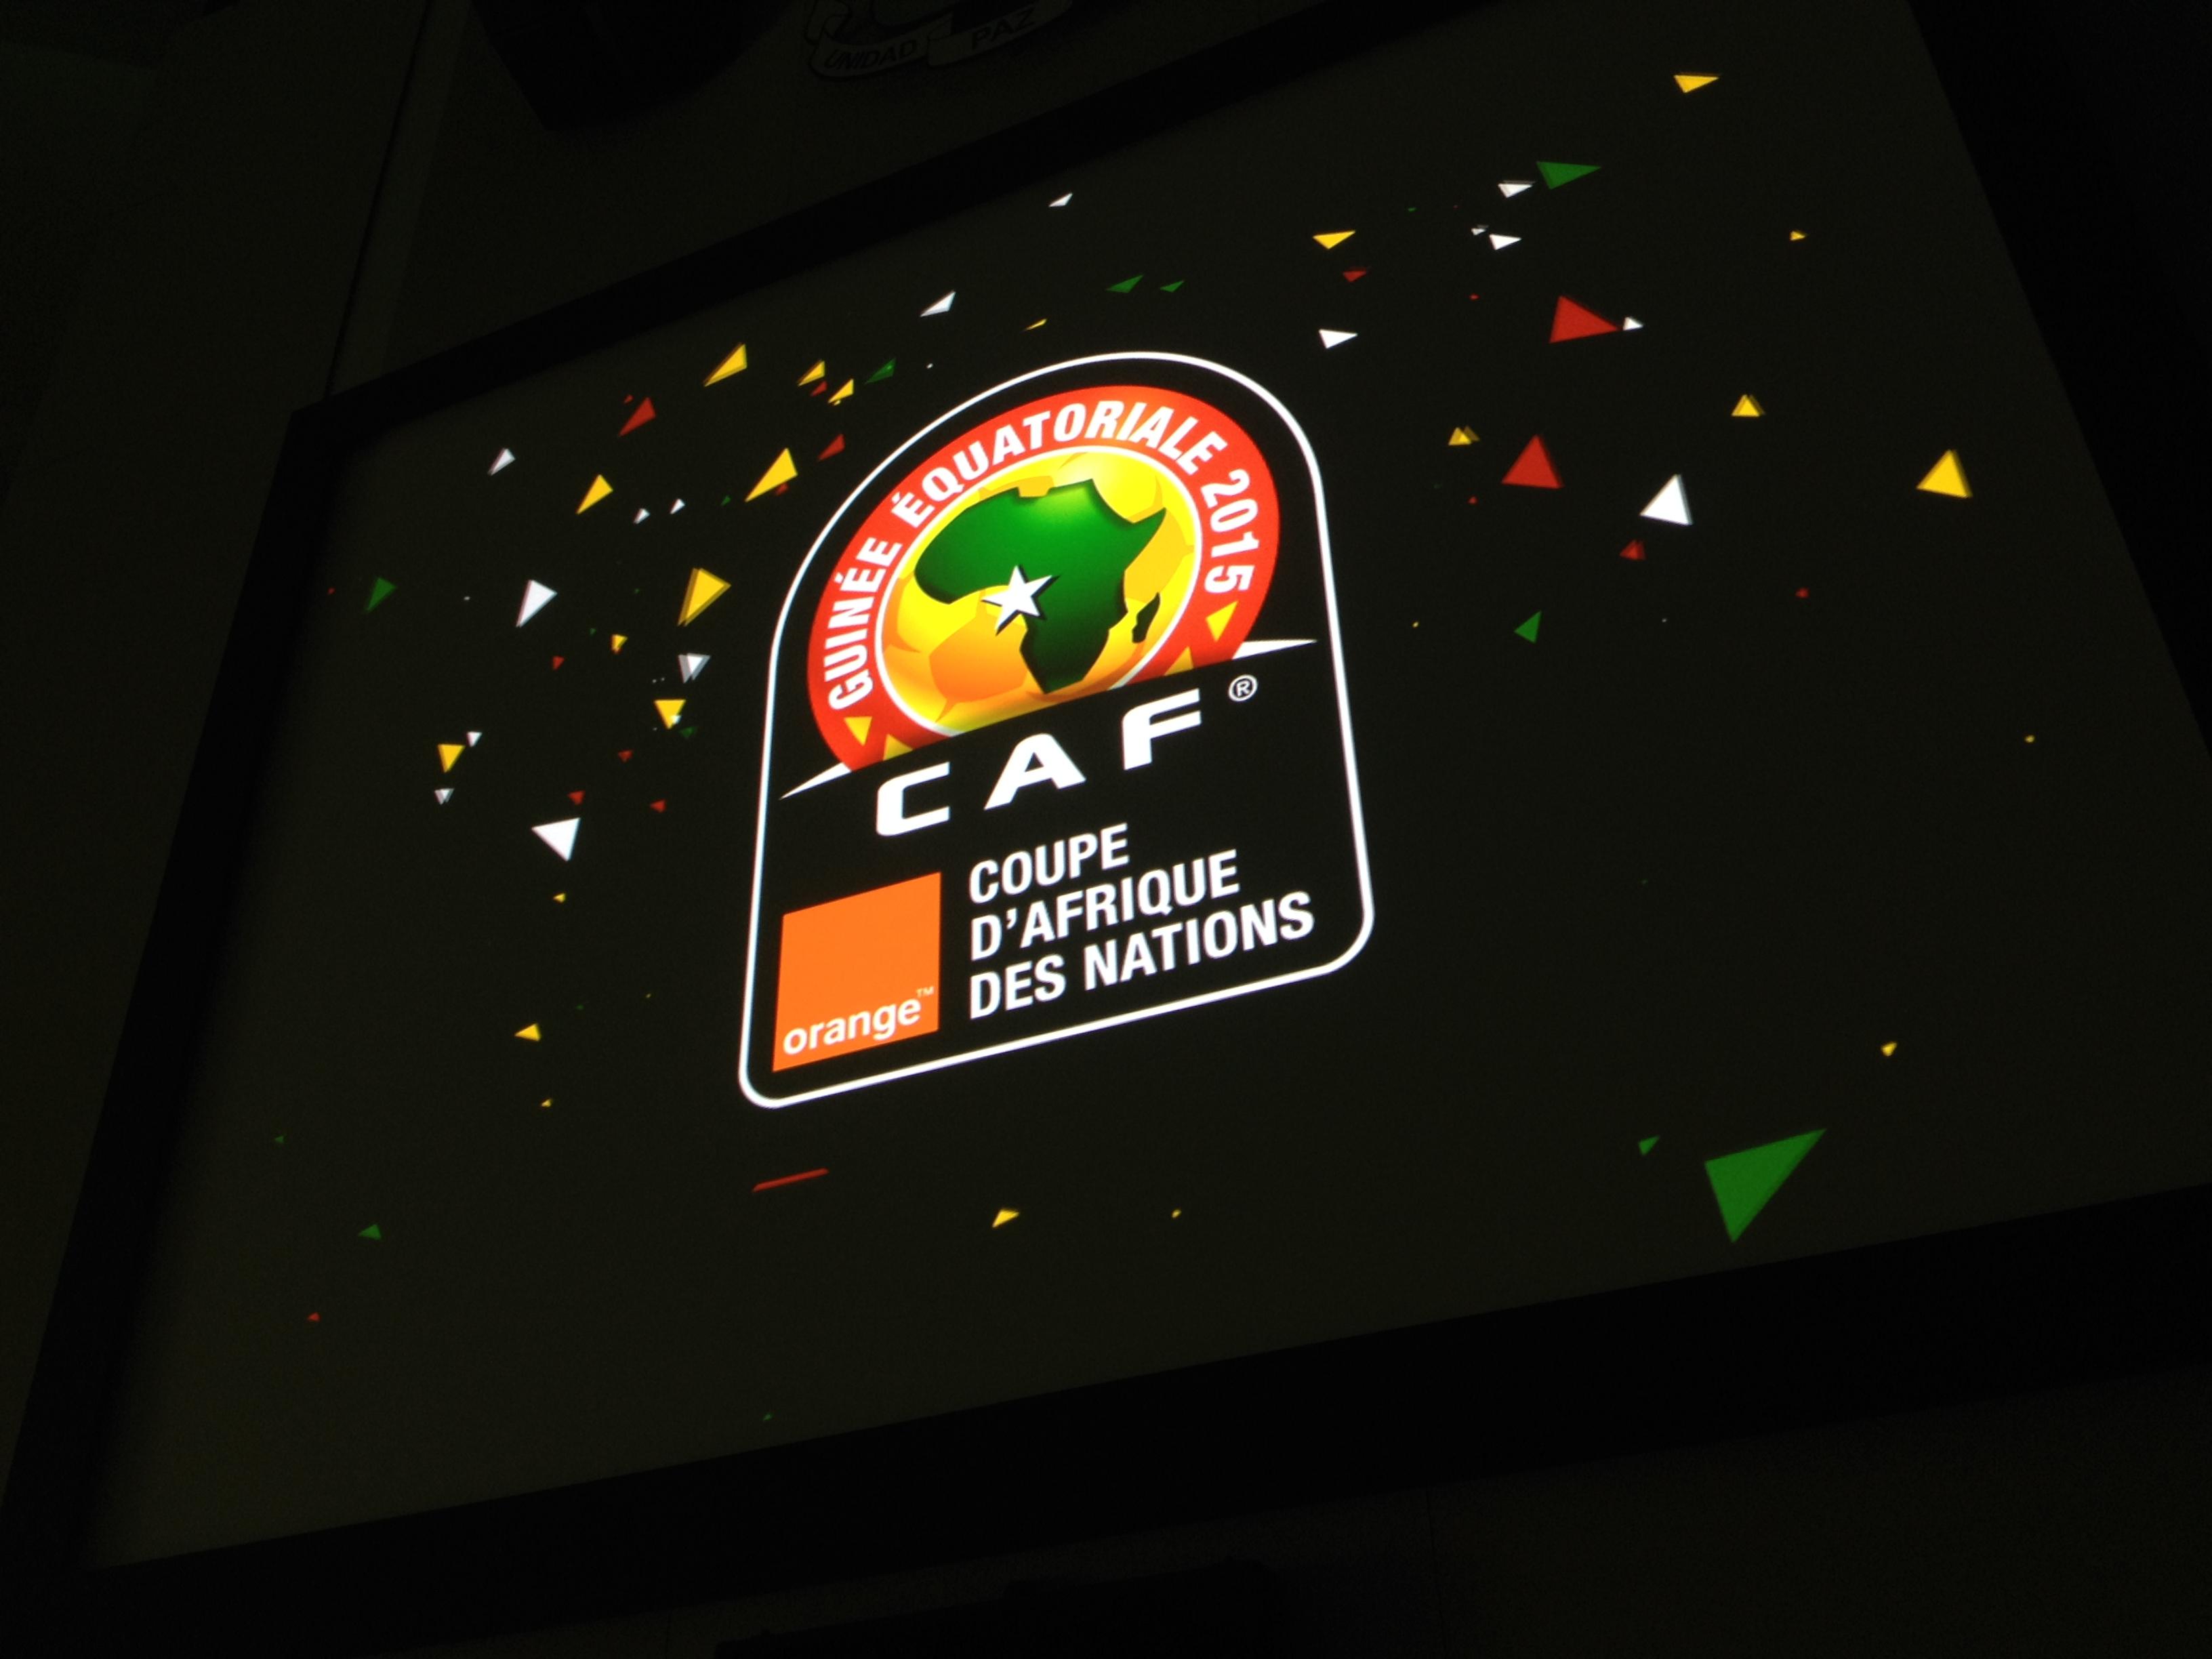 Tirage au sort de la Coupe d'Afrique des Nations Orange Guinée Equatoriale 2015